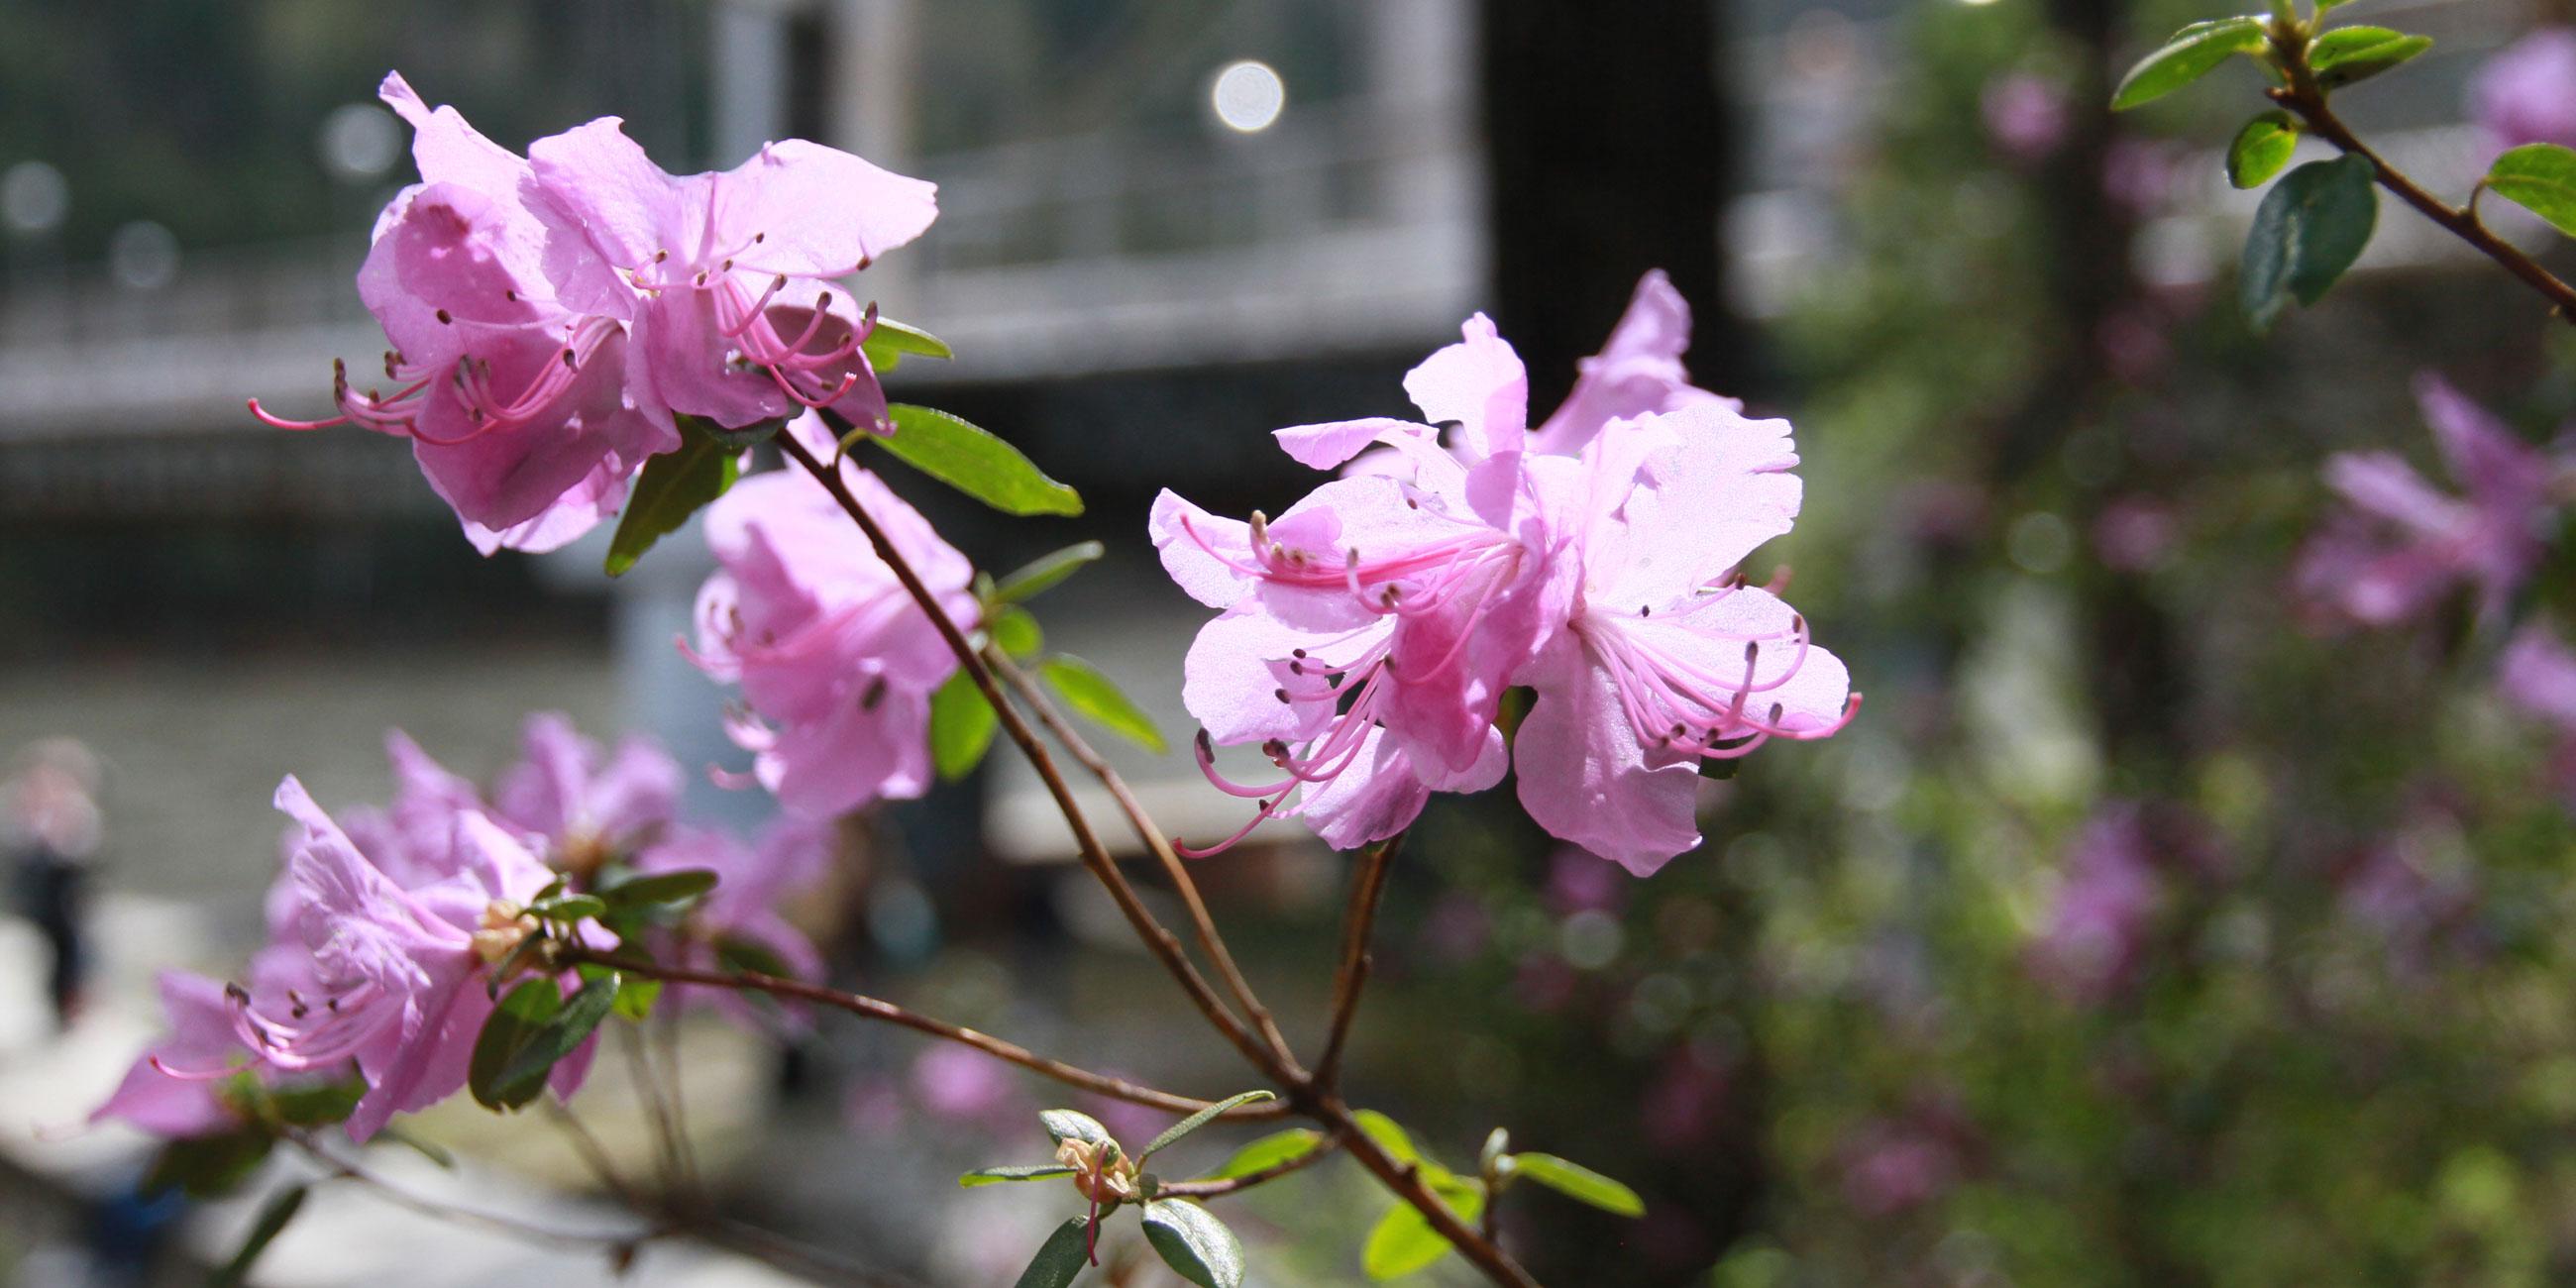 В мае цветение маральника открывает туристический сезон на АлтаеФото: Олег Укладов,